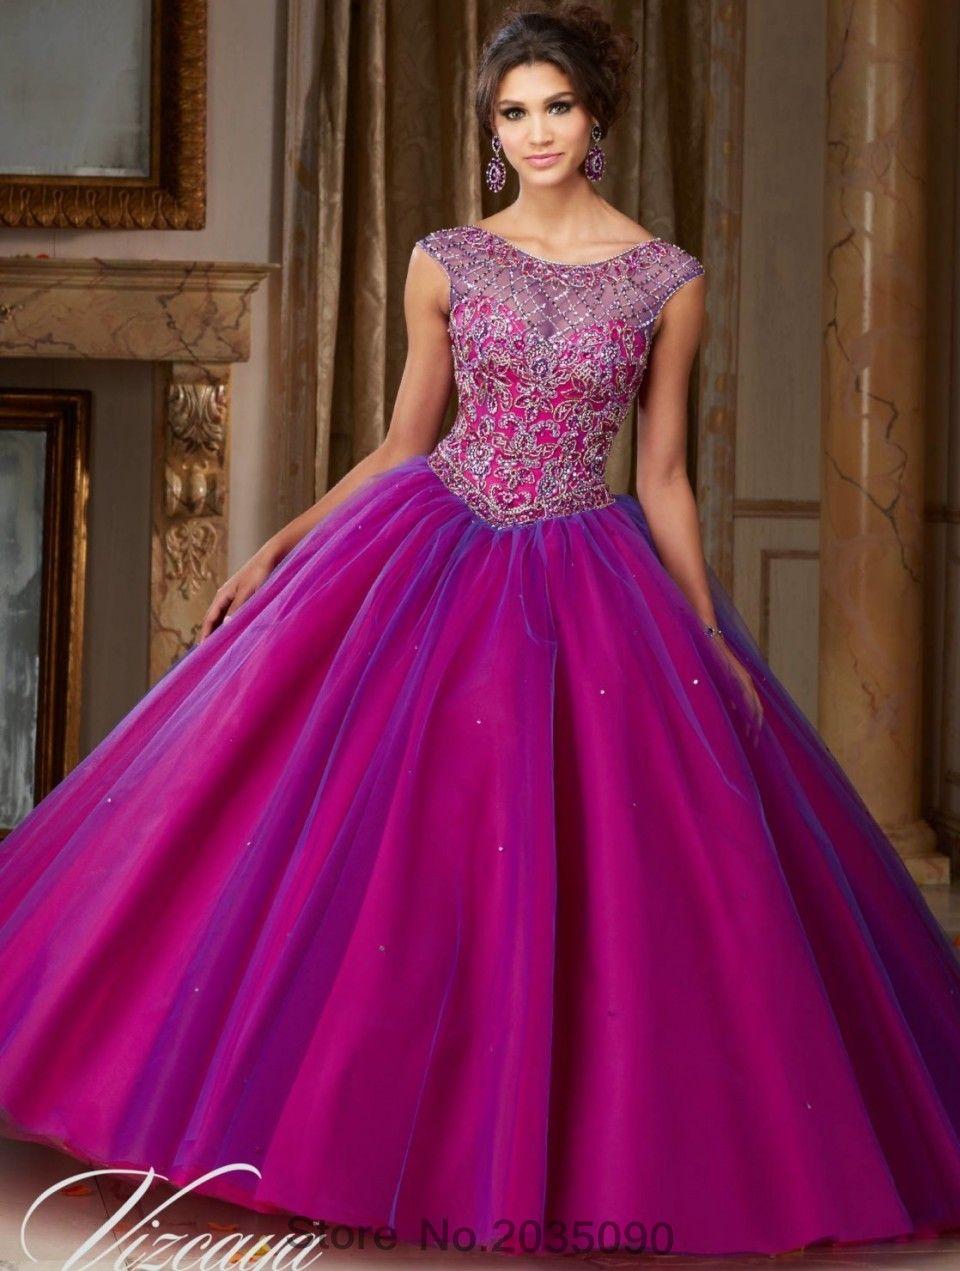 Asombroso Vestido De Fiesta Debajo De Los 50 Dólares Colección ...